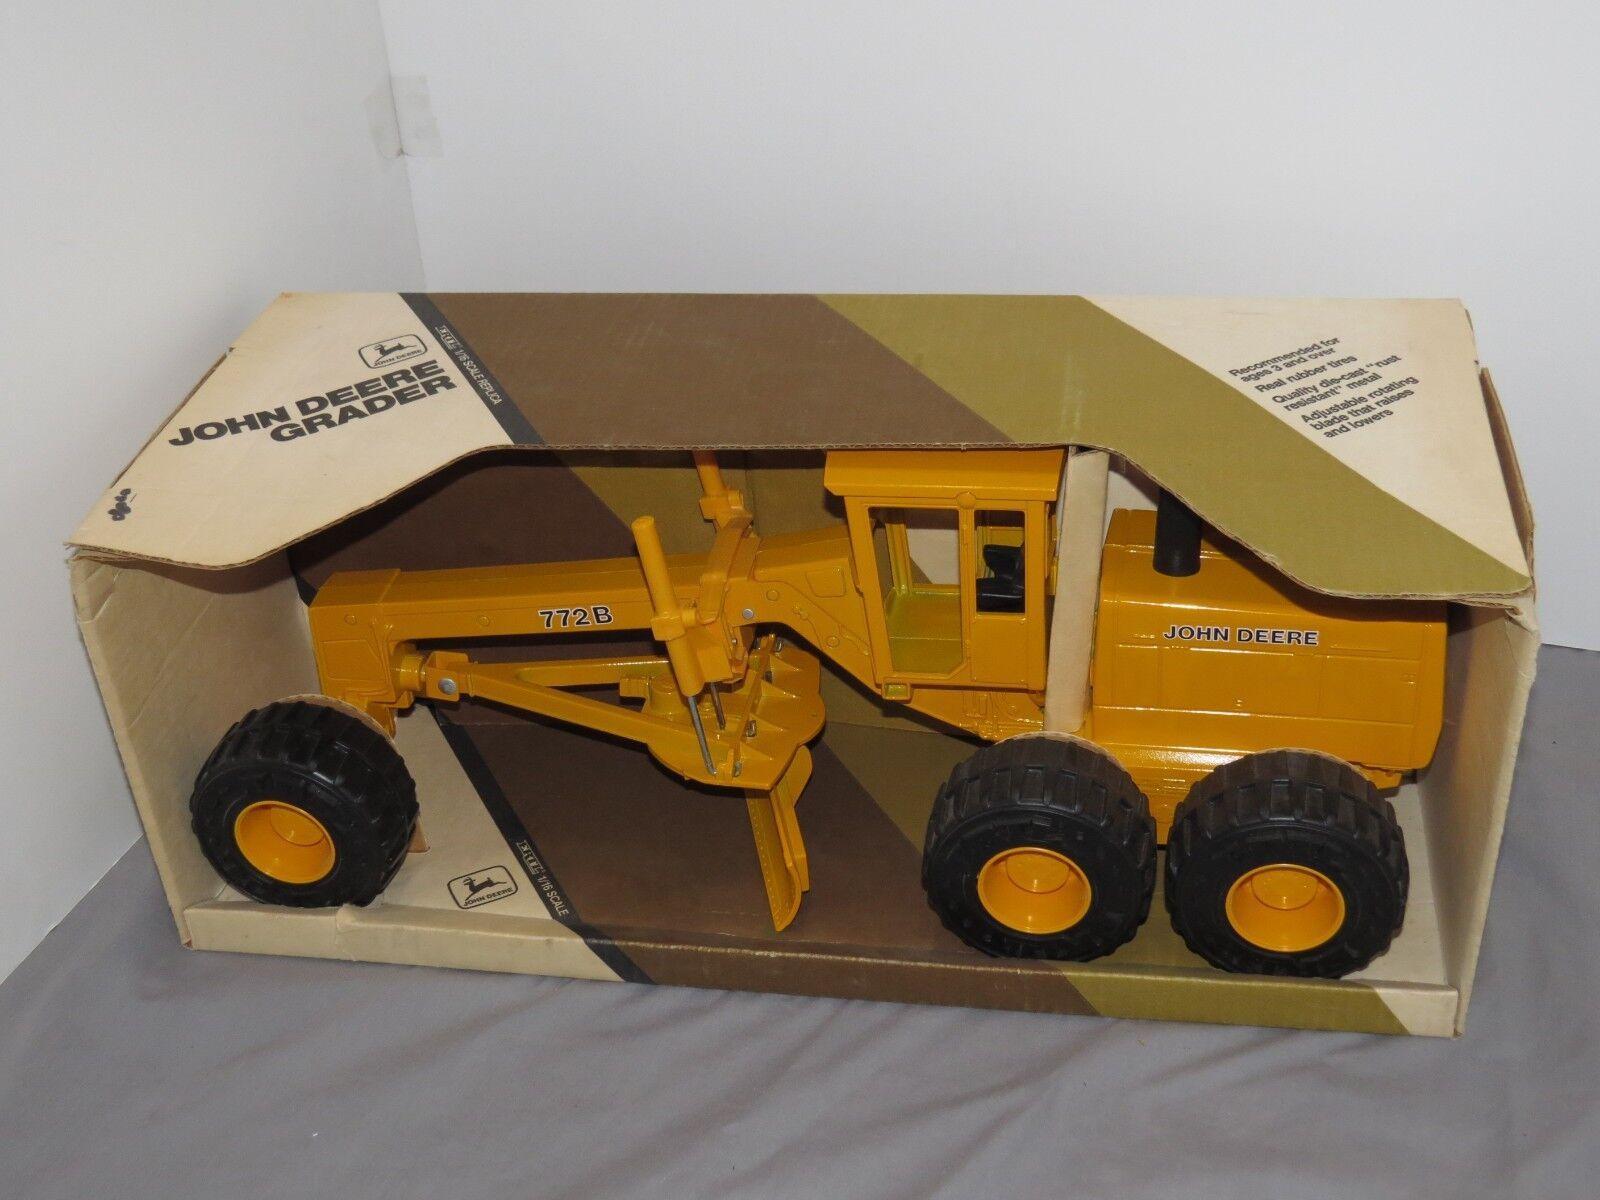 John Deere 772B Motor Road Grader 1 16 Ertl Toy Die Cast Metal JD HUGE nice NIB